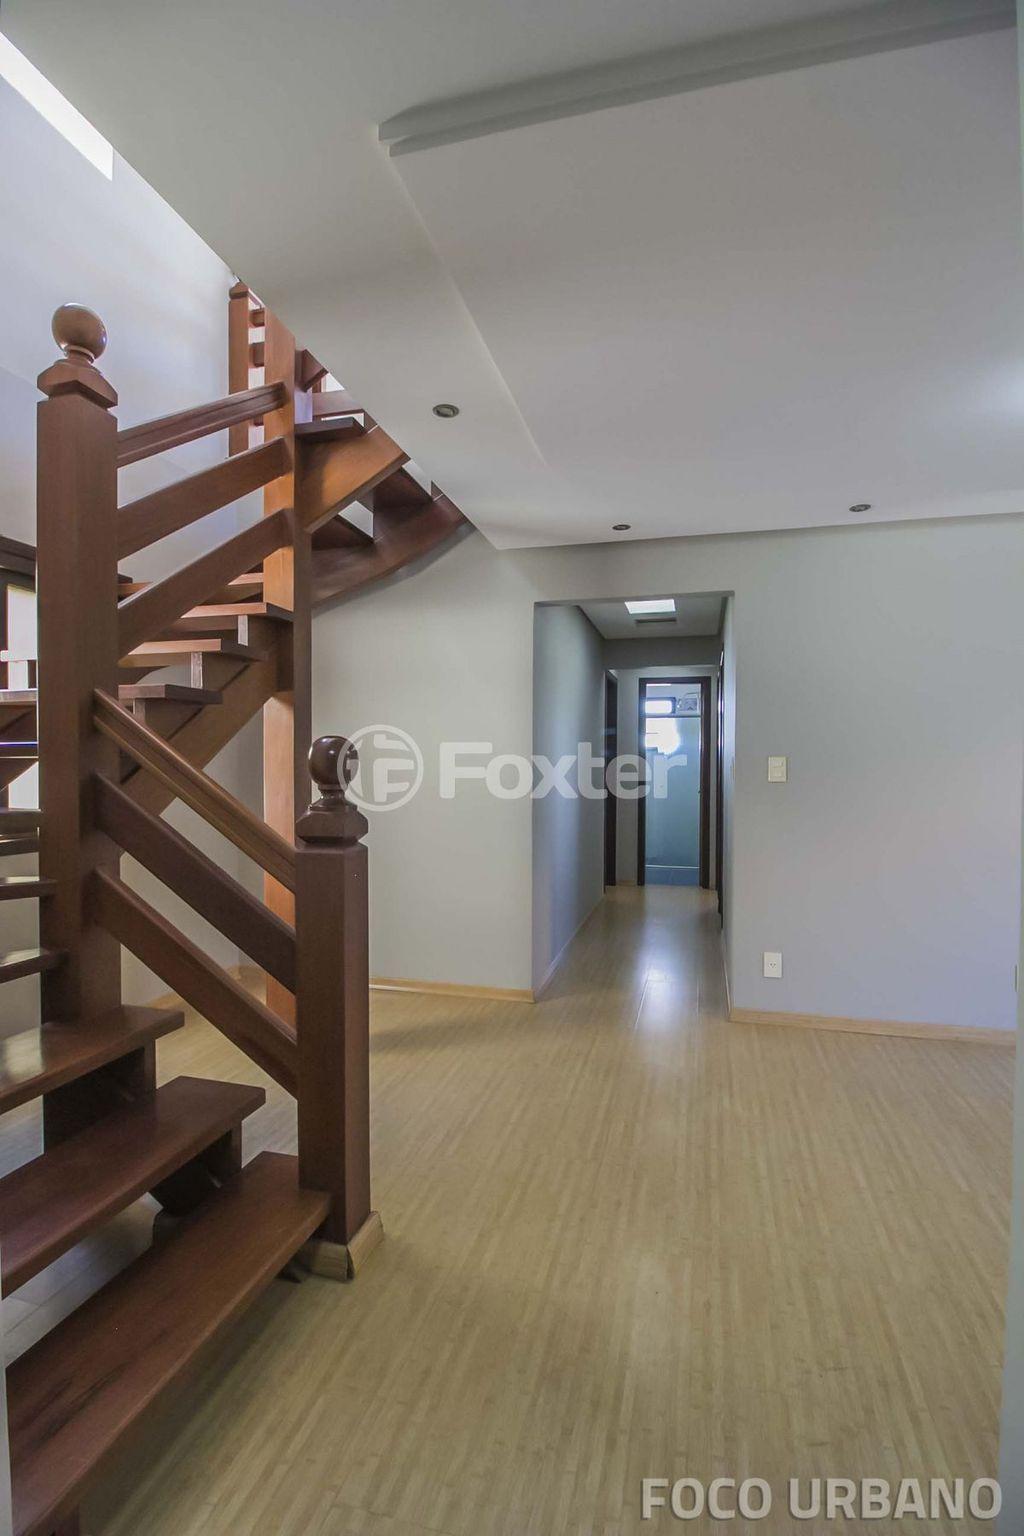 Foxter Imobiliária - Cobertura 3 Dorm (135857) - Foto 2